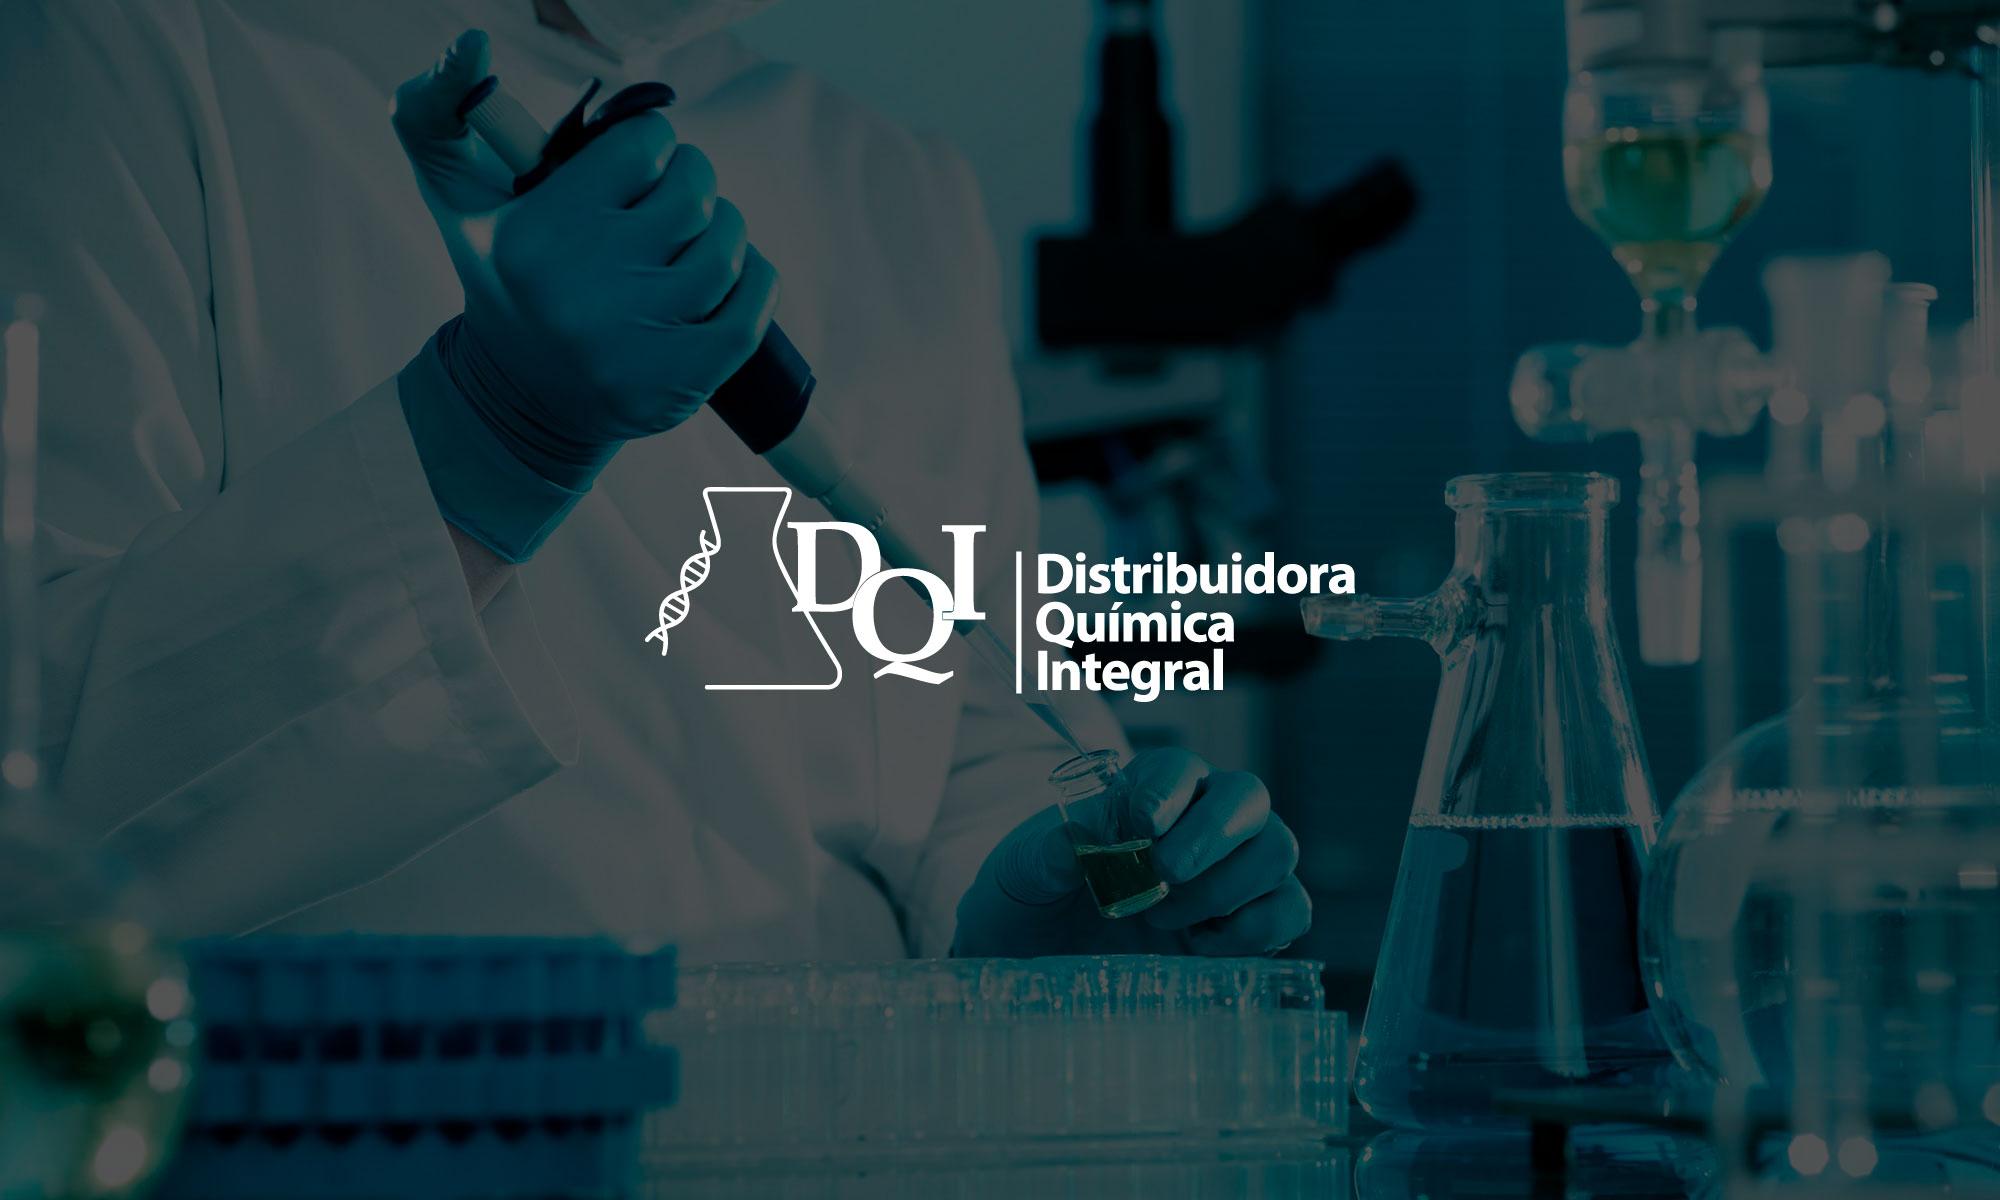 DQI. Distribuidora Química Integral.